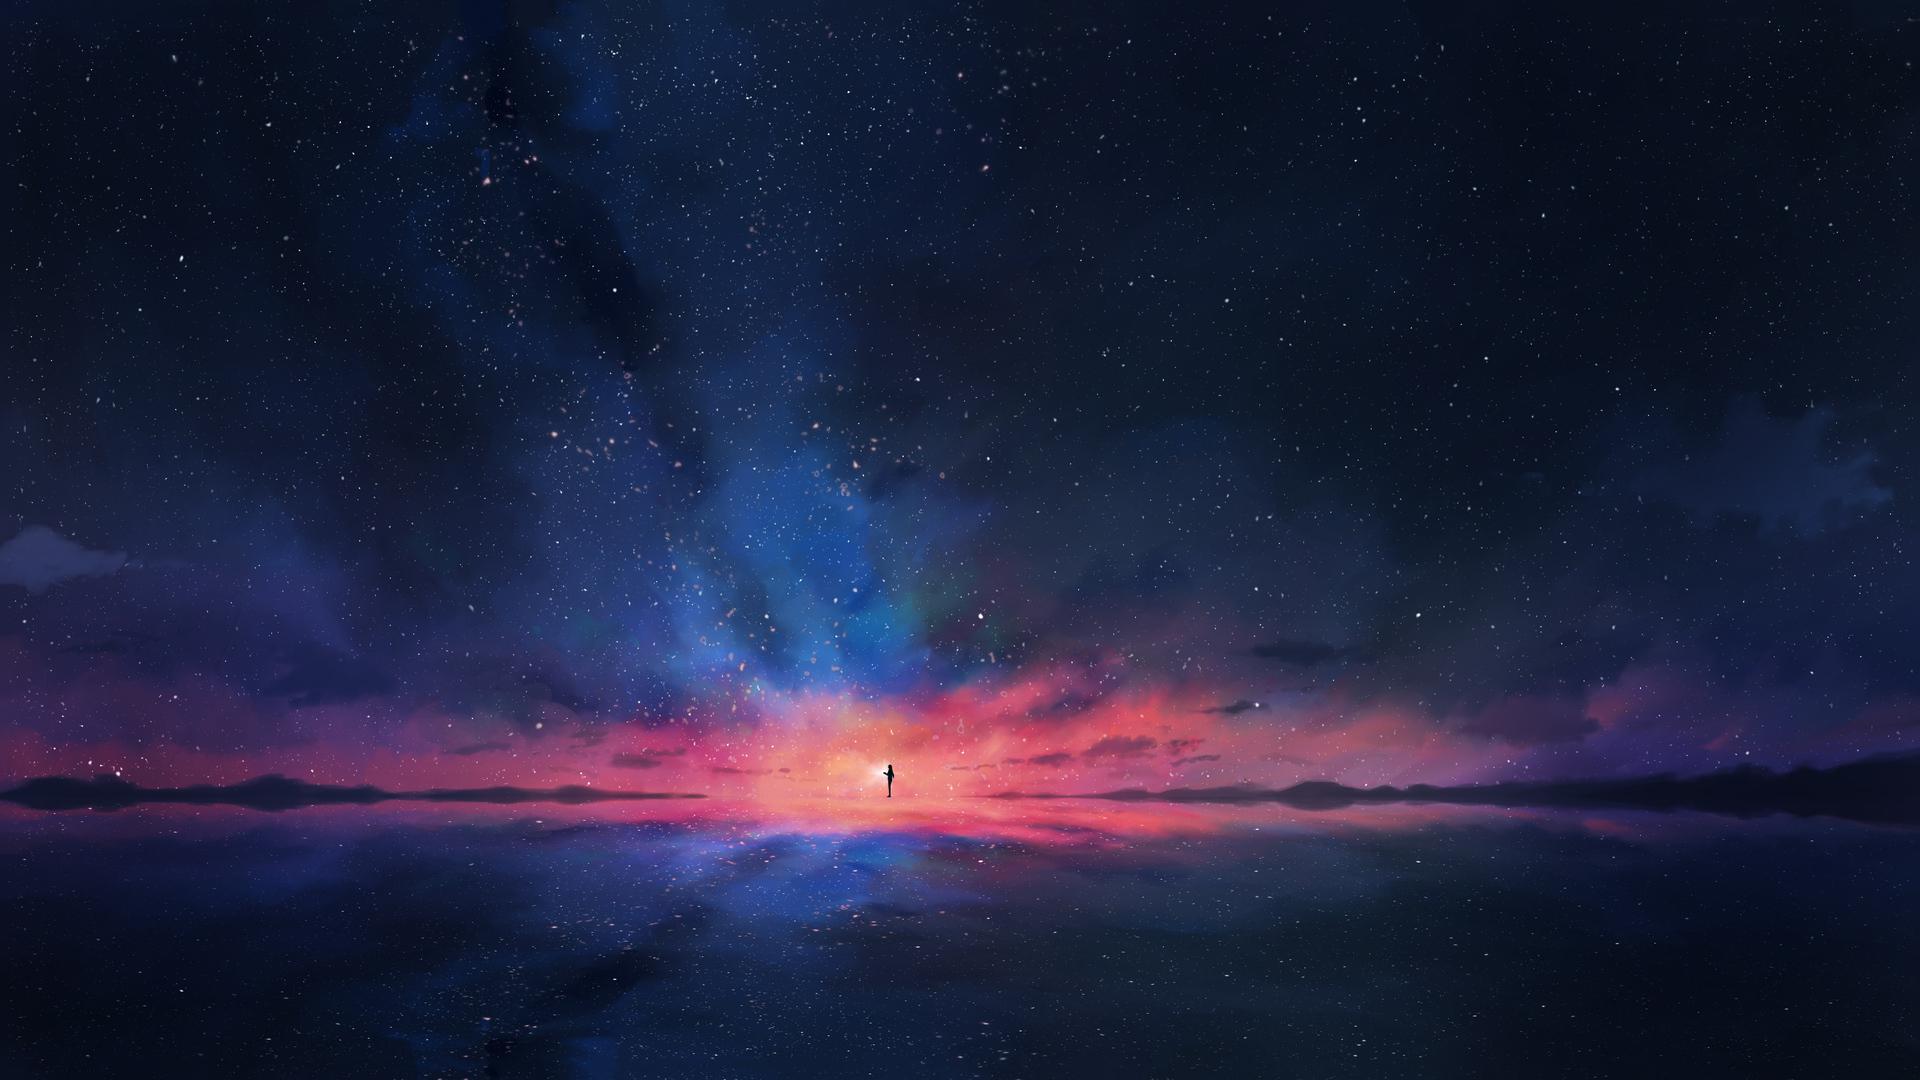 1920x1080 stars minimalism space